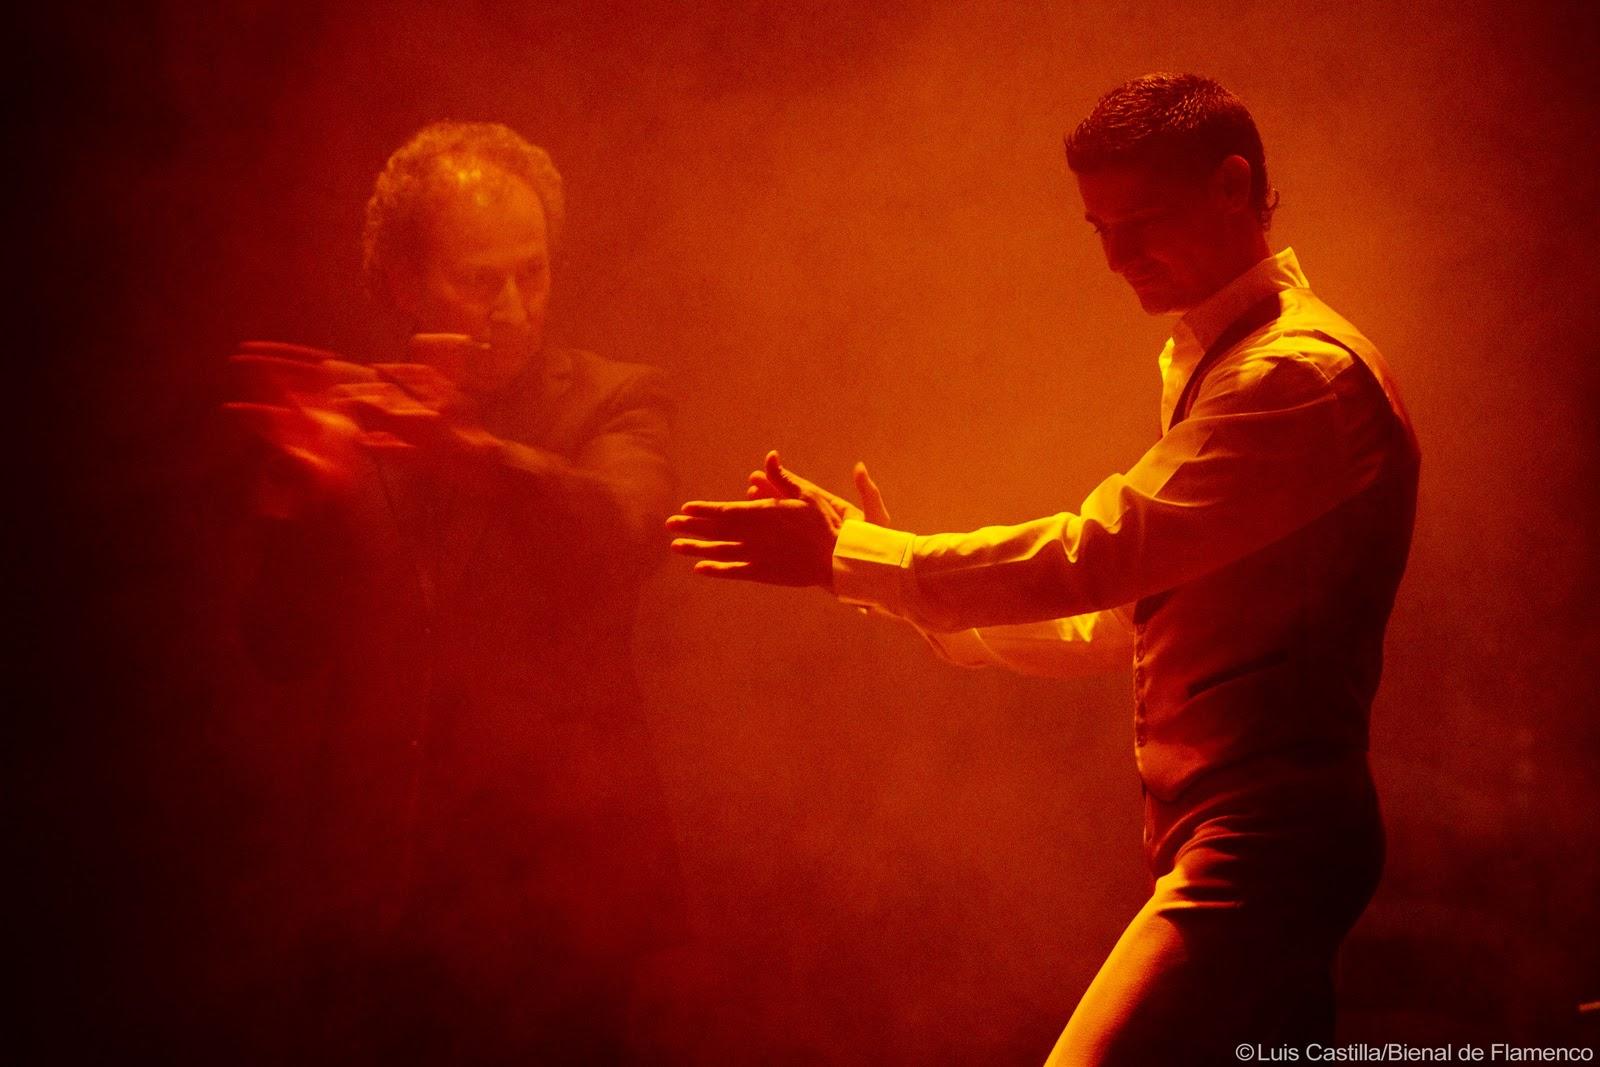 http://1.bp.blogspot.com/-tXiODL4jKis/Tg0pro-TmcI/AAAAAAAACN0/9JWbbZB3f_o/s1600/manos+flamencas.jpg